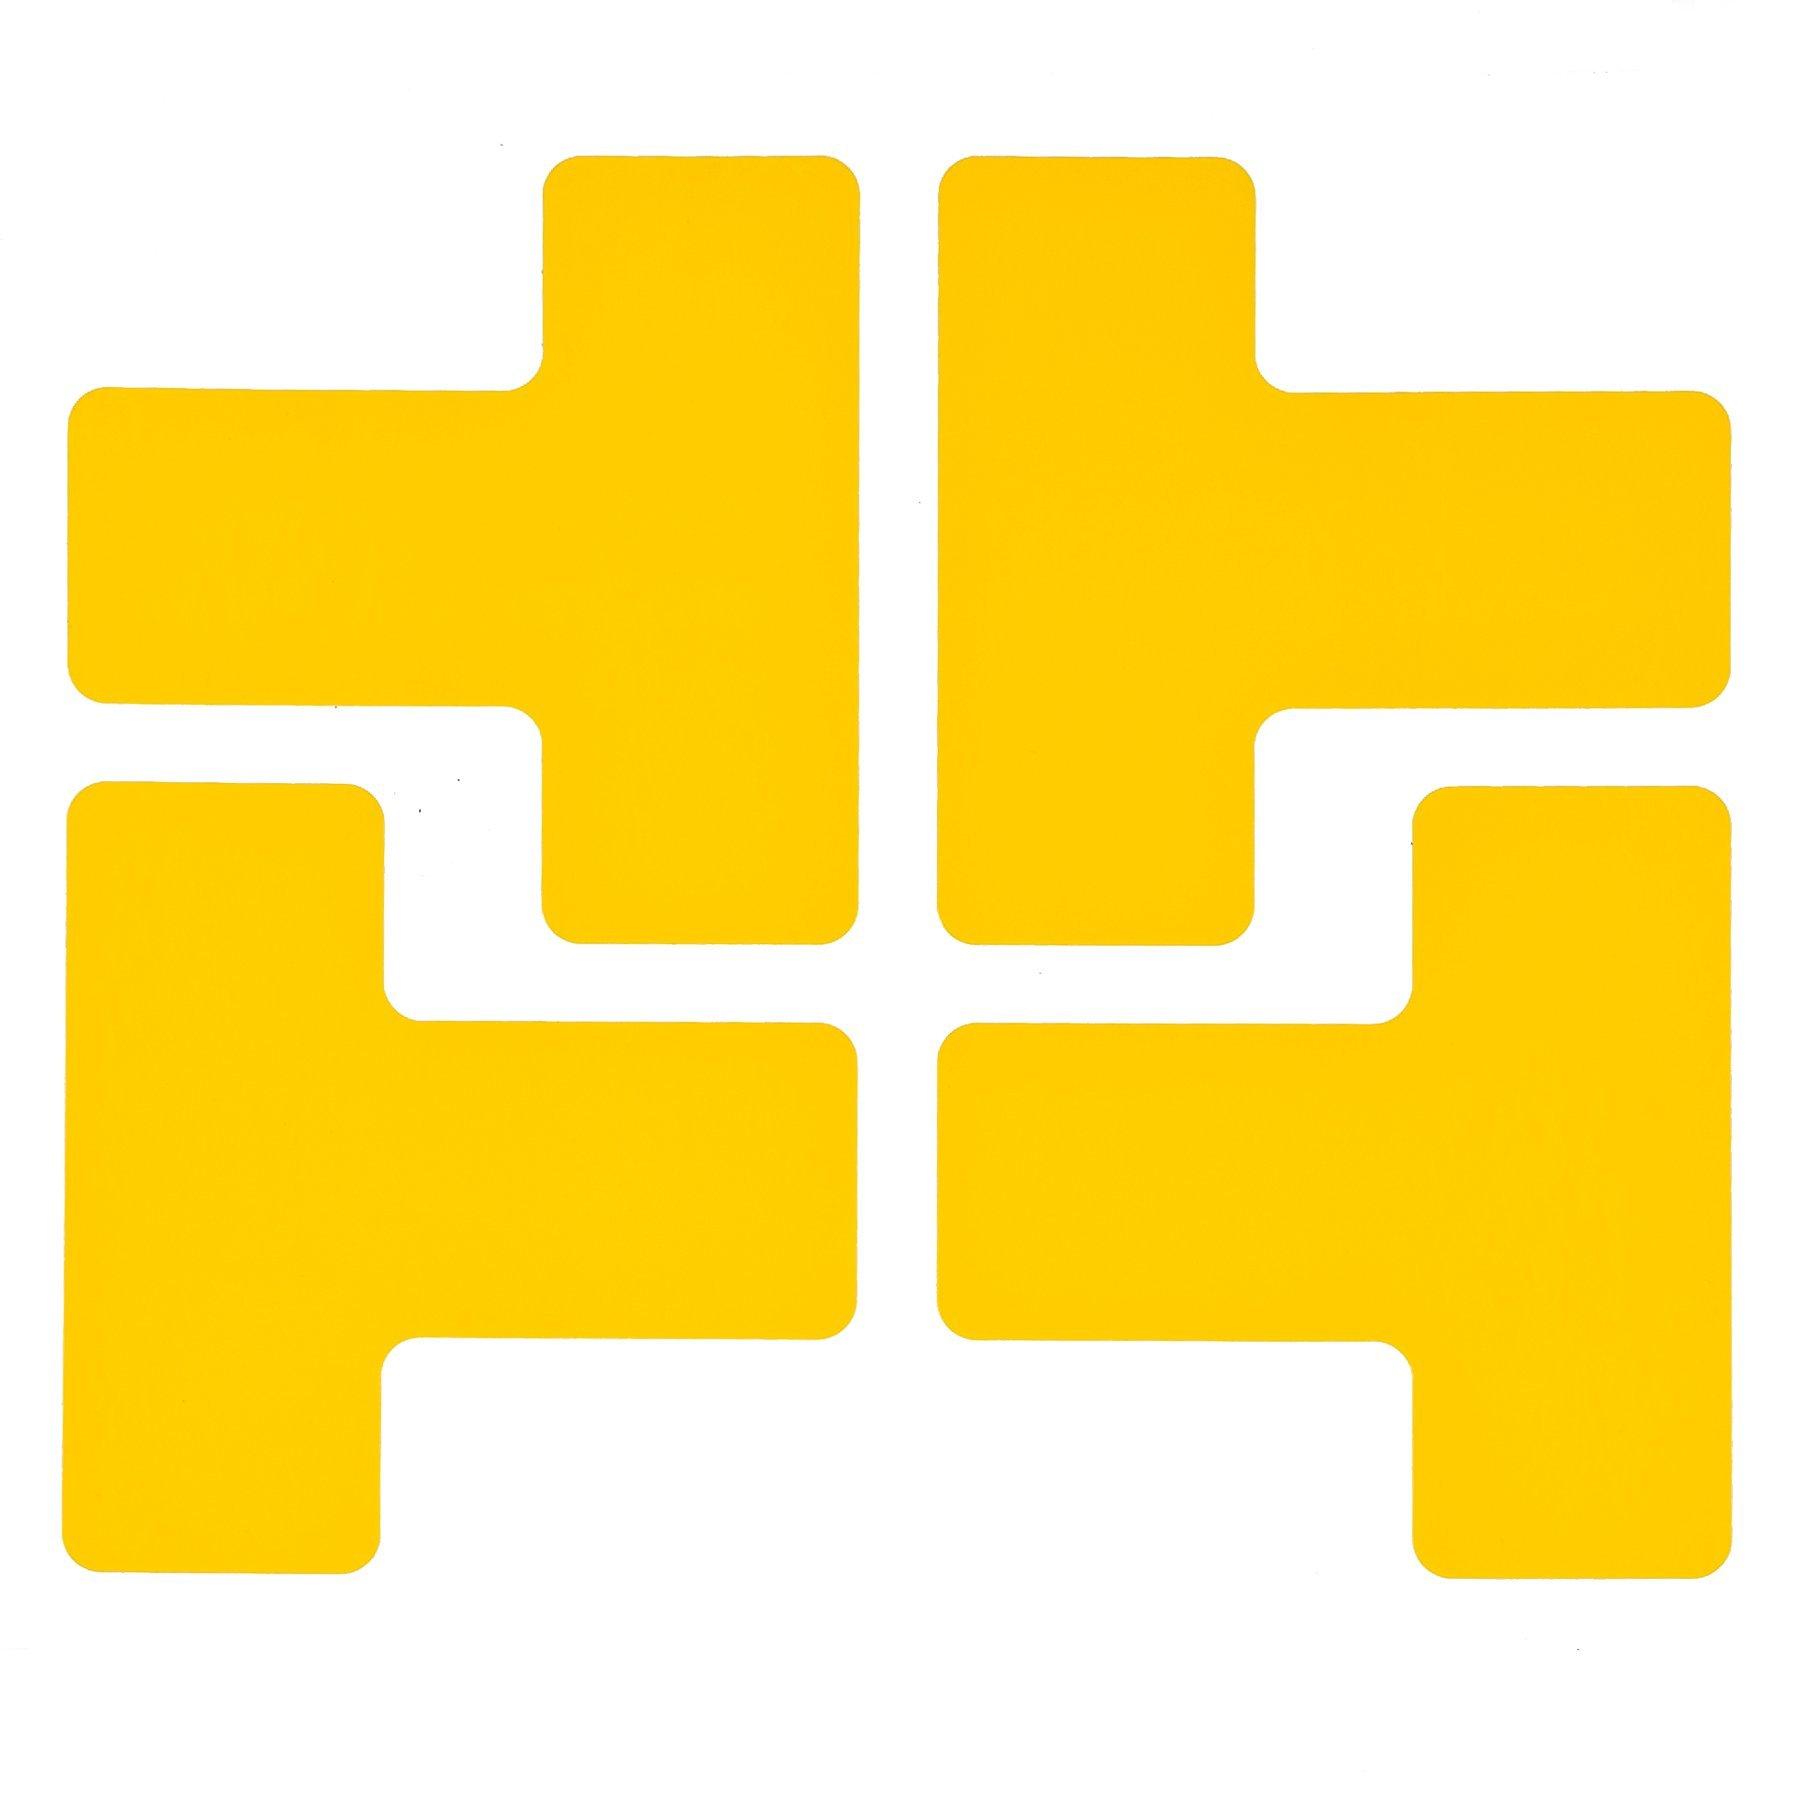 Brady ToughStripe Nonabrasive T Shape Floor Marking Tape, 5'' Length, 2'' Width, Yellow (Pack of 20 per Roll) - 104439